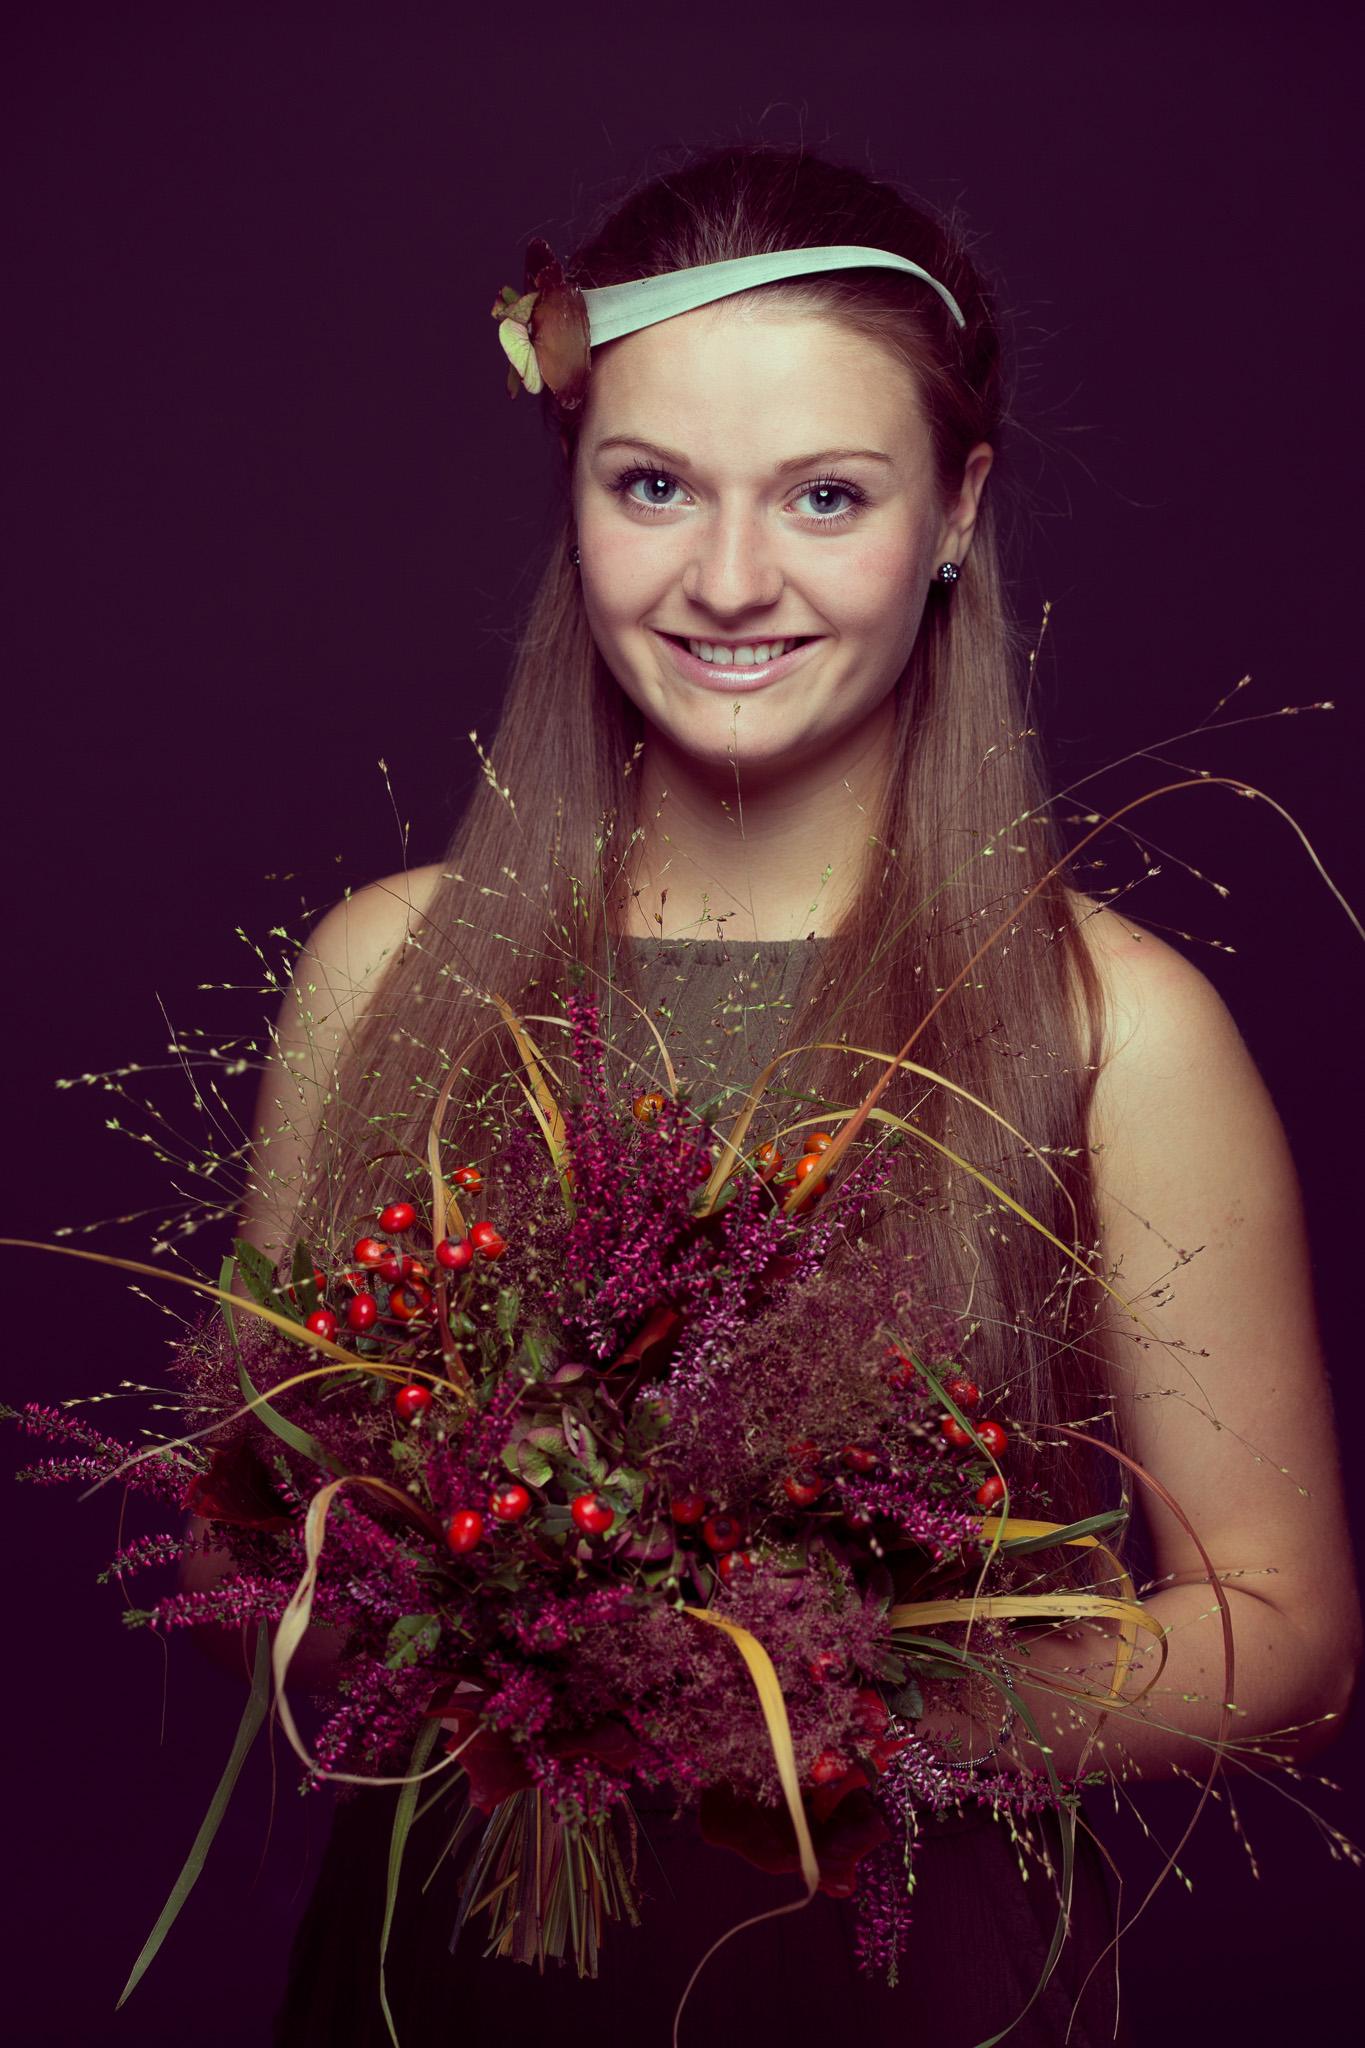 Frau mit Herbststrauß